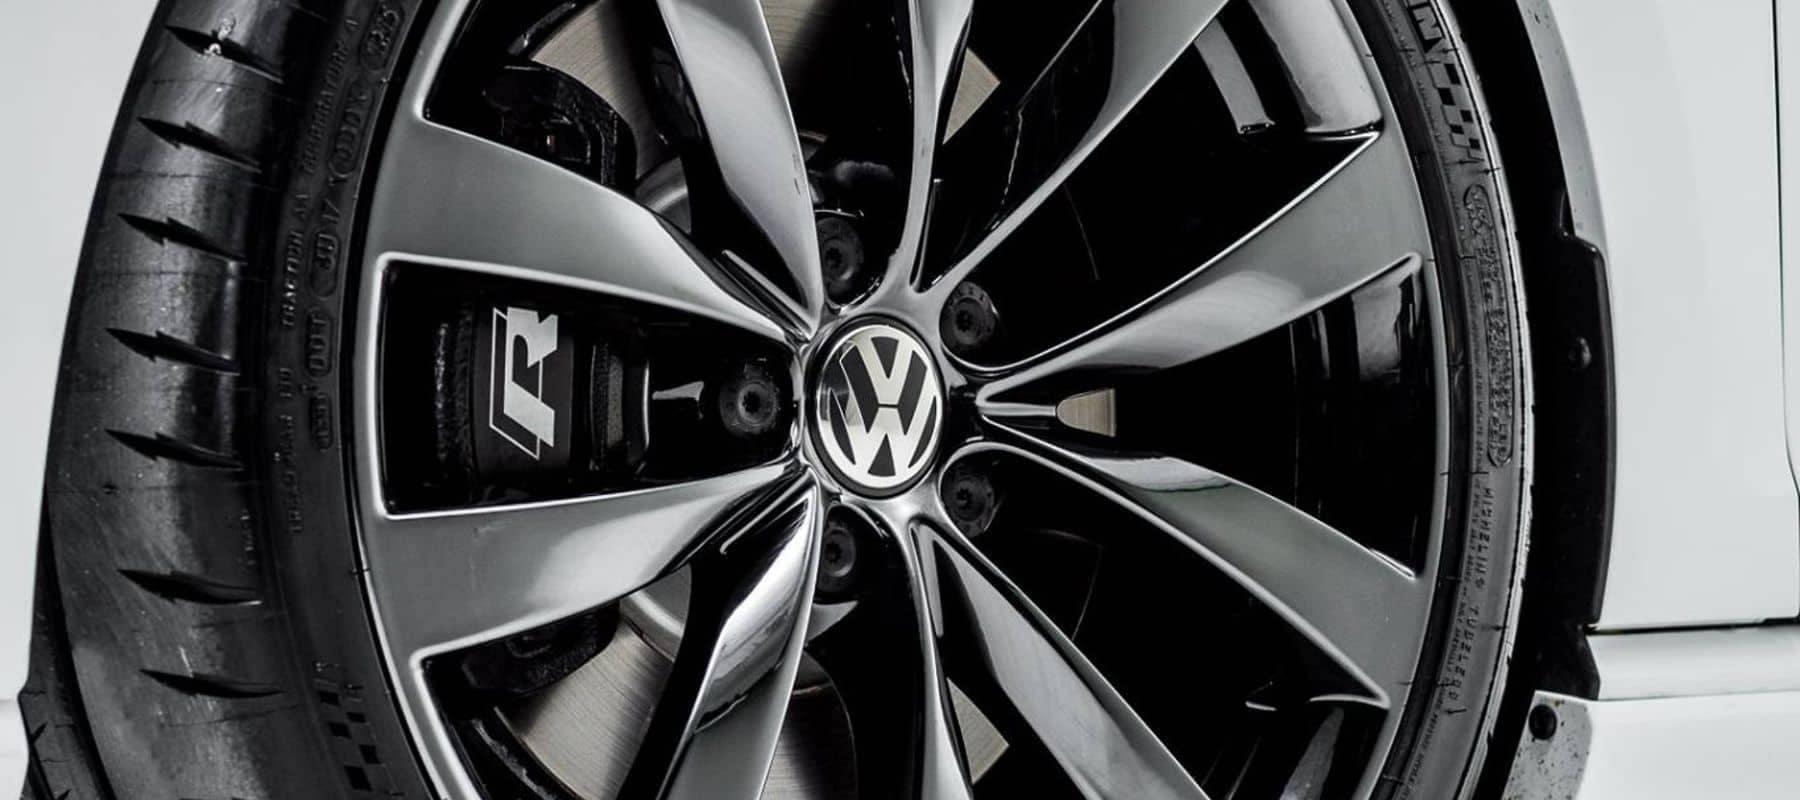 2019 VW Volkswagen 4